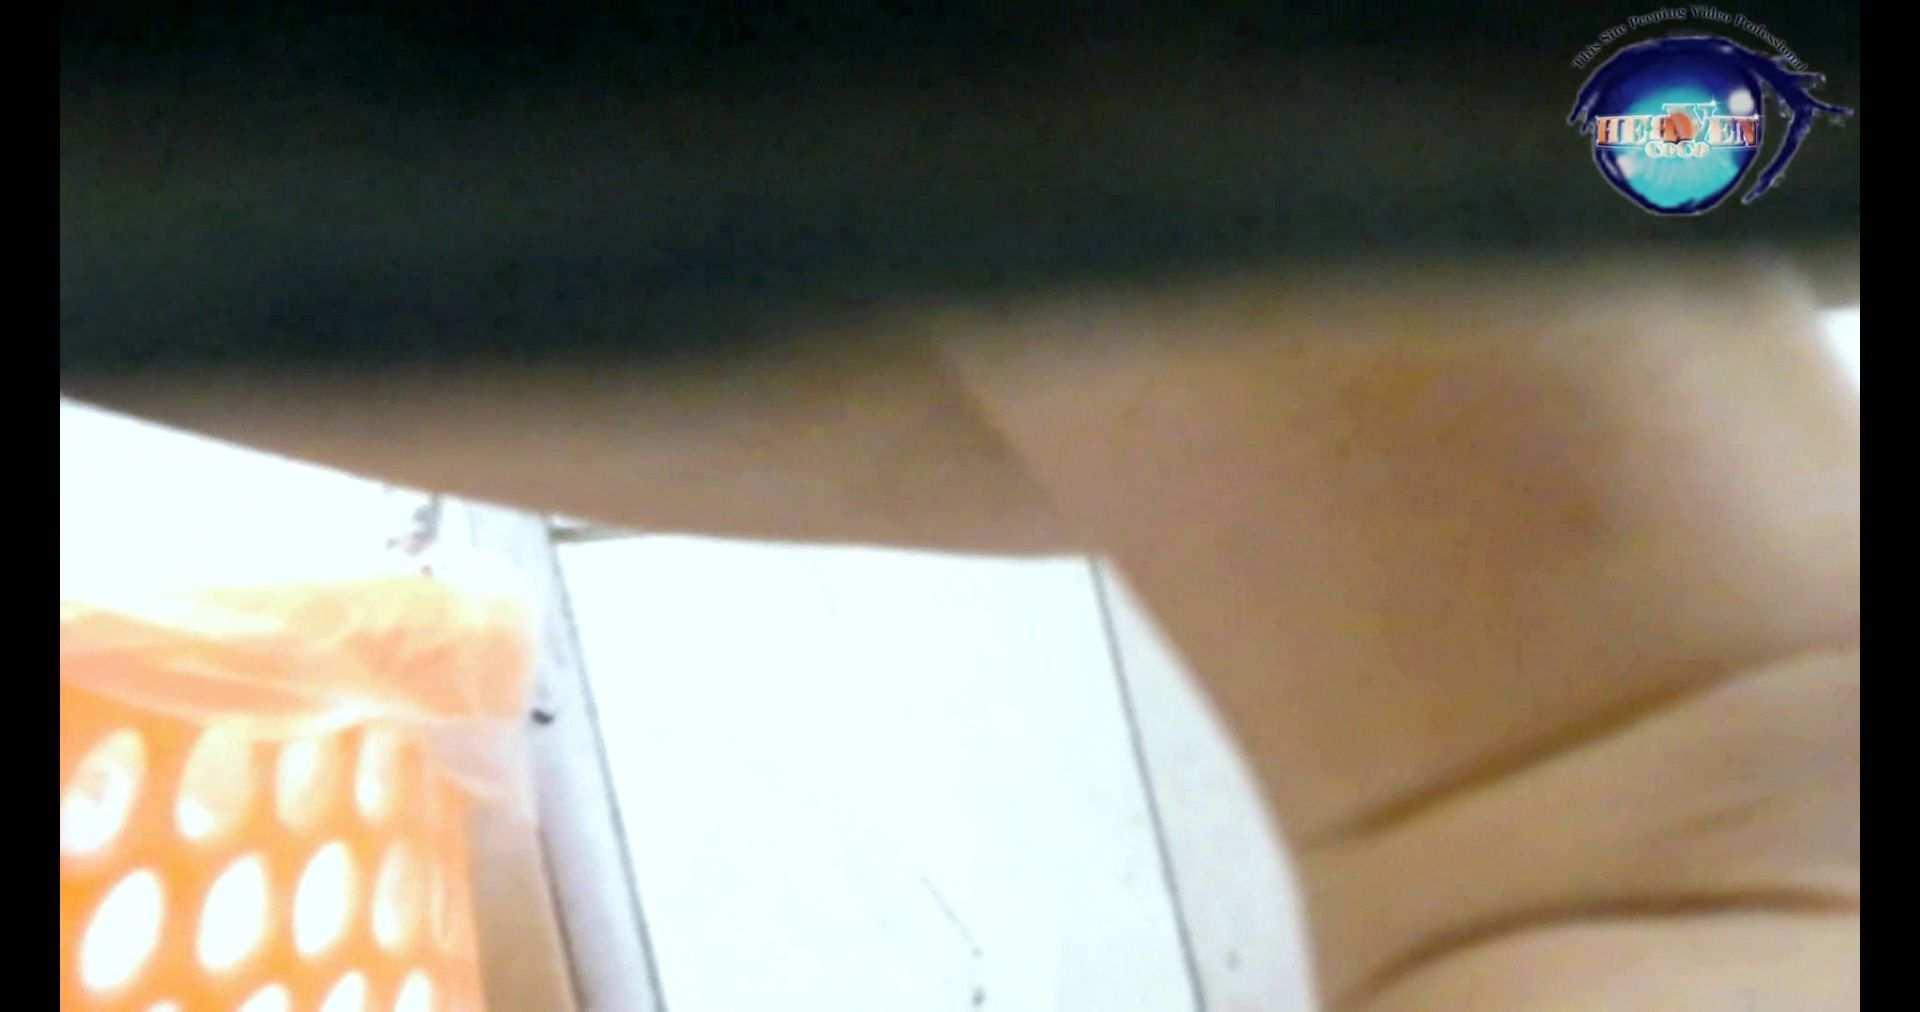 世界の射窓から~ステーション編~vol.36 無料動画に登場したトップクラスモデル本番へ モデルヌード   本番  94pic 58